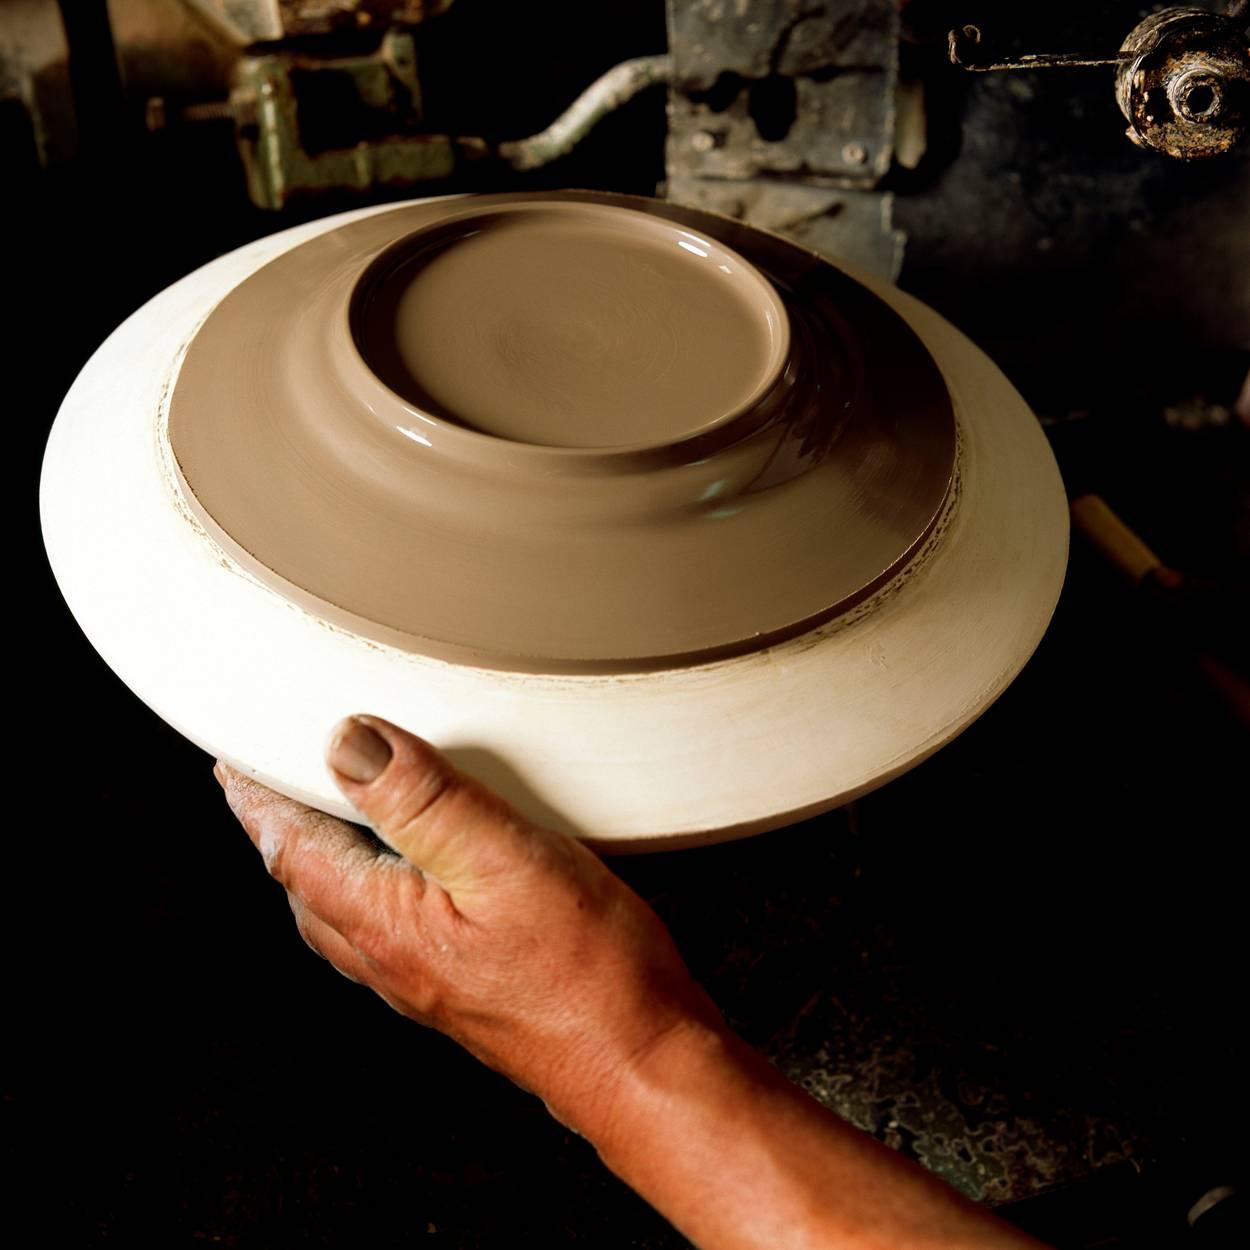 Vår produktion av keramik